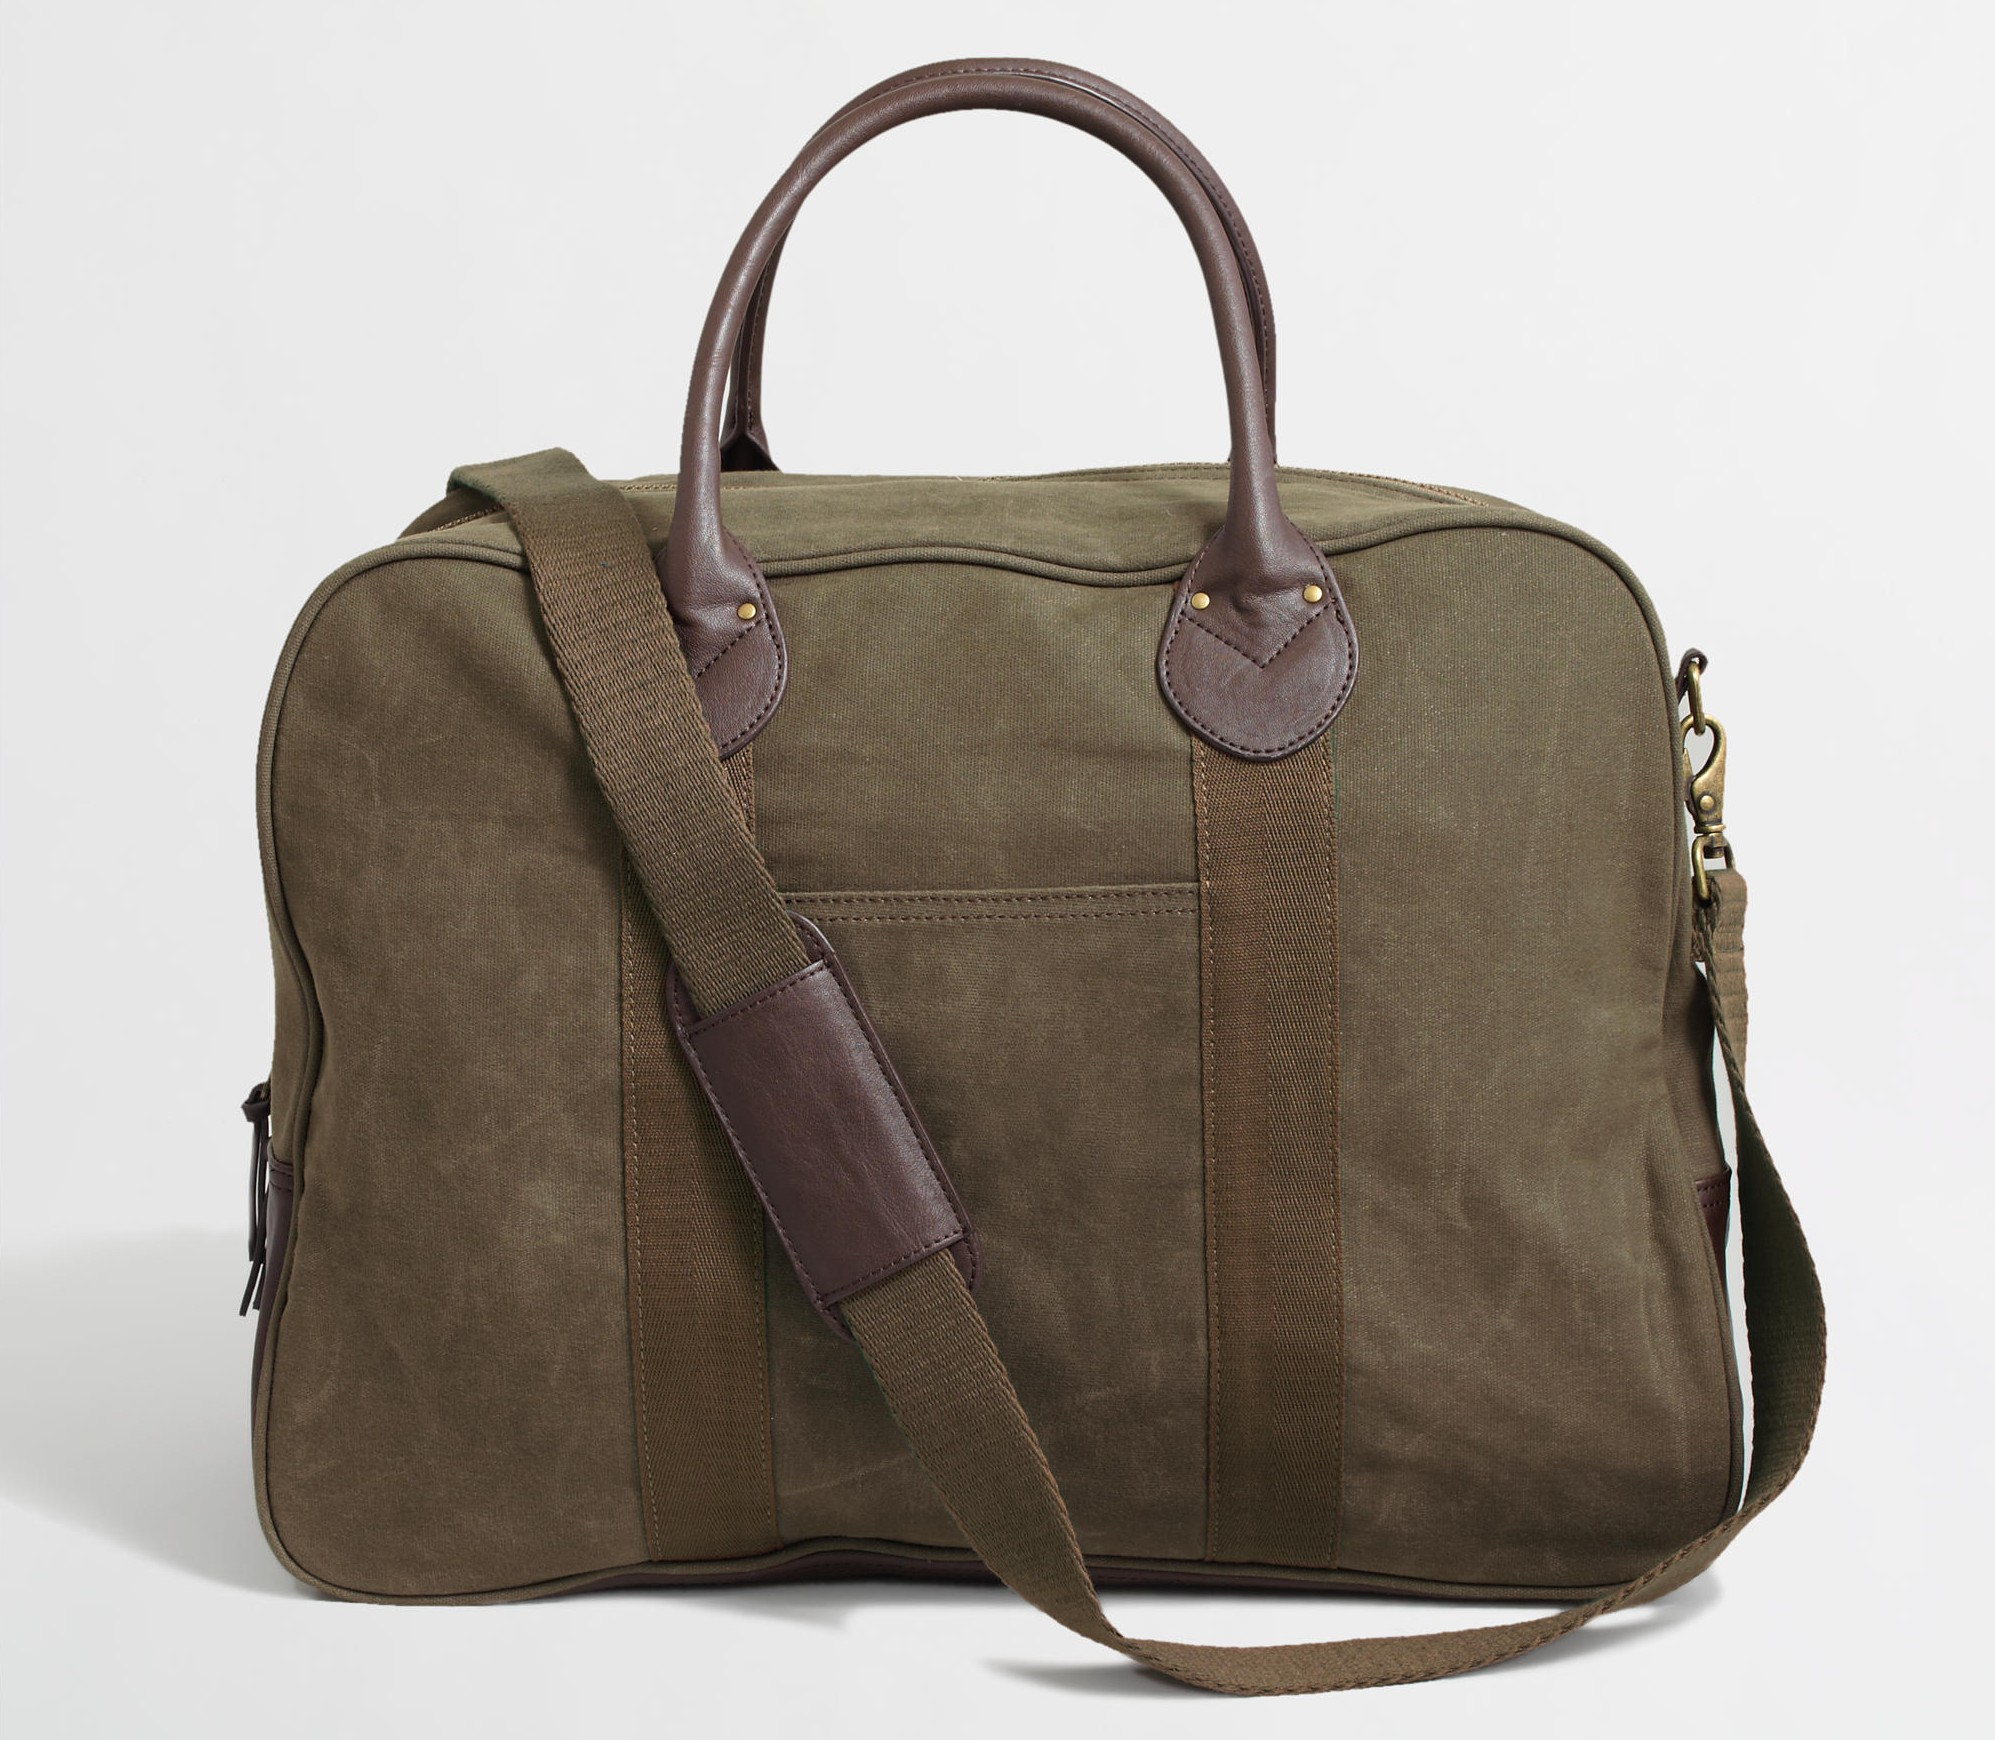 Mens Large Duffle Bags | Weekender Bag for Men | Duffle Bag for Women